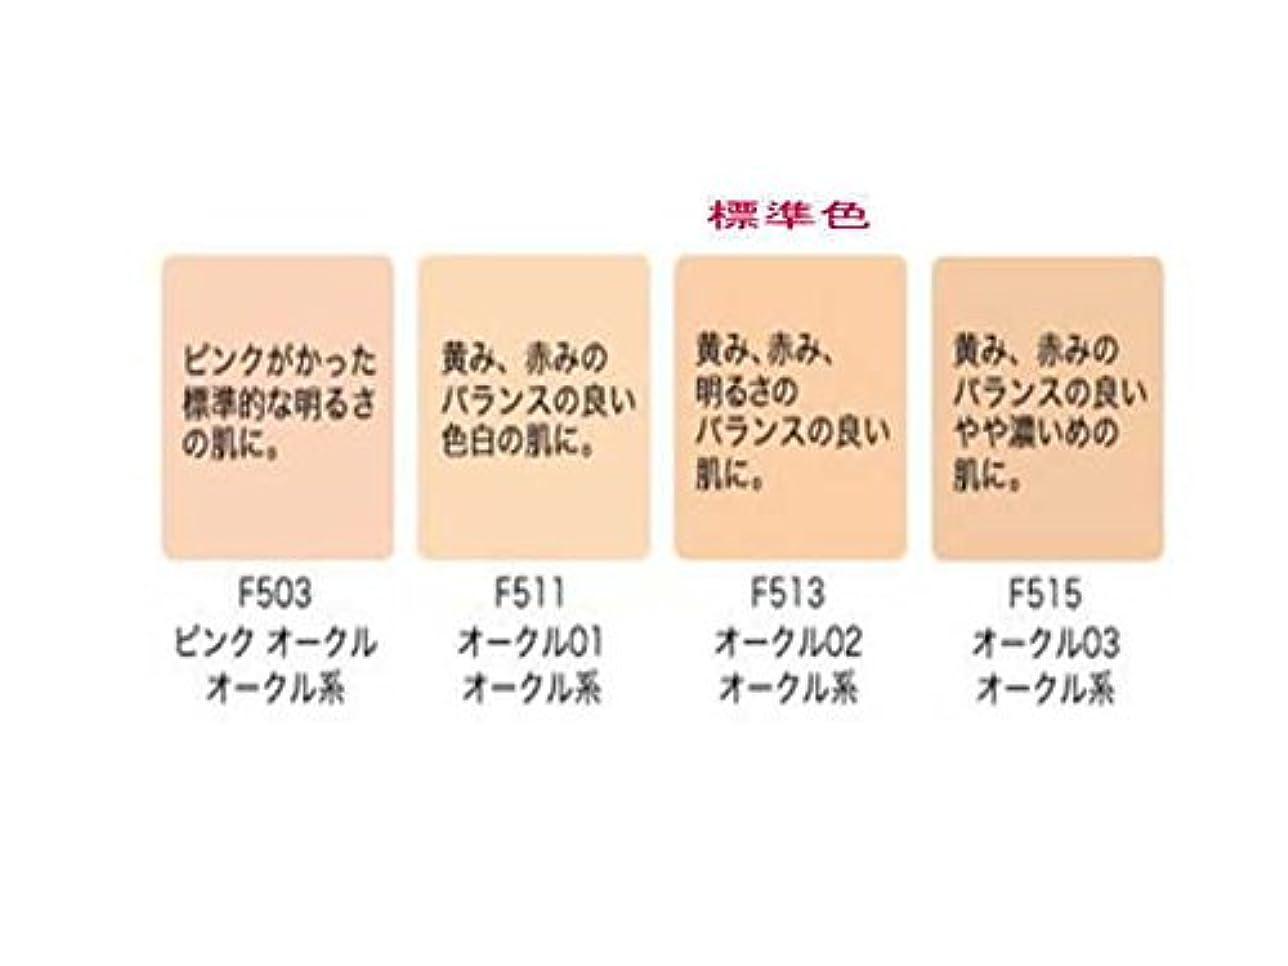 ランドリークルーベルトエイボン 新アクティア UV パウダーファンデーション(デュアル)EX (リフィル, F511オークル01)